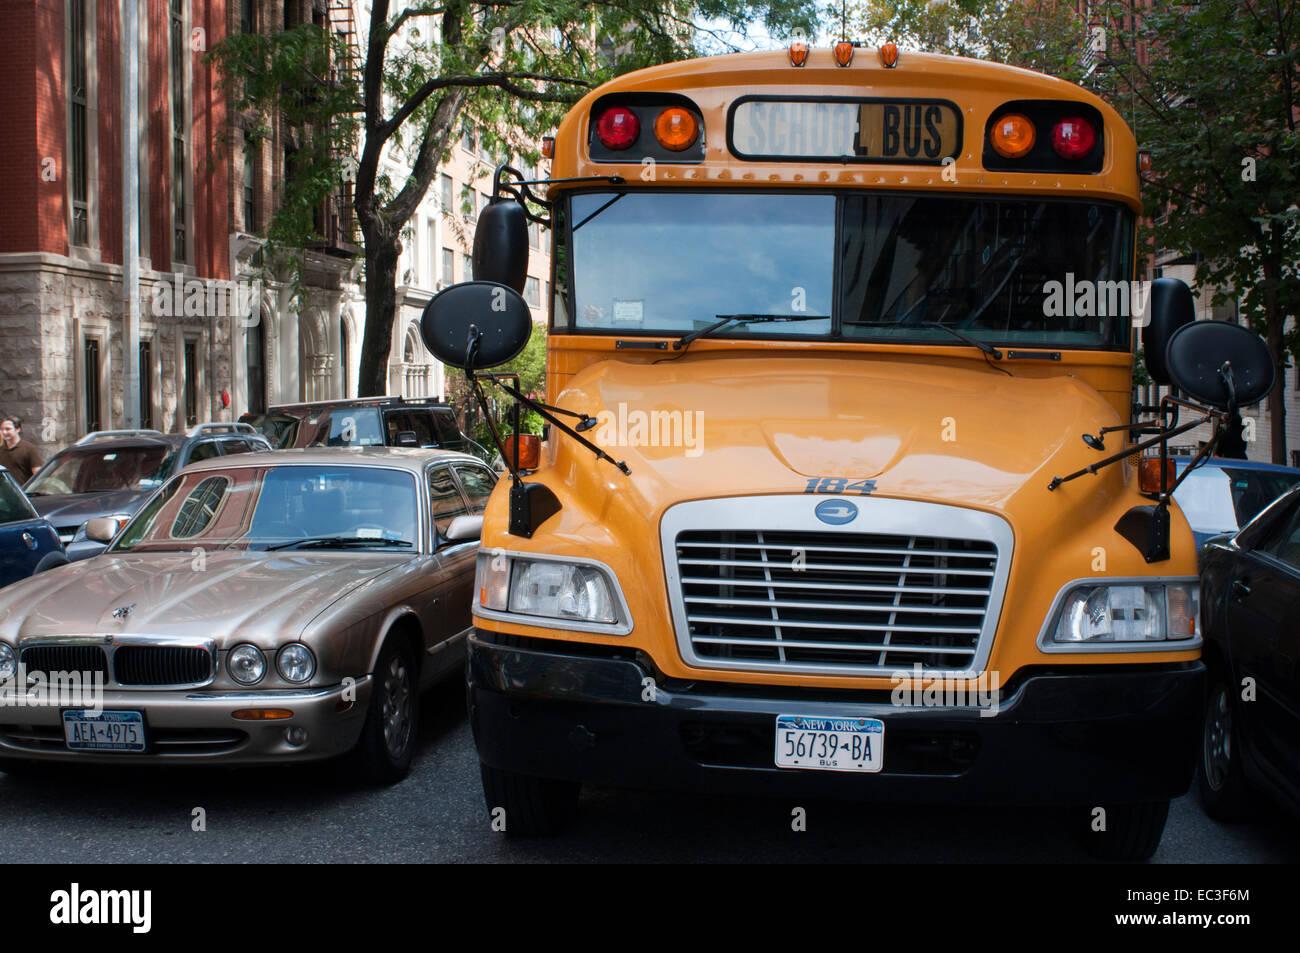 Estados Unidos, A Cidade De Nova Iorque, Manhattan, Autocarro Escolar E  Jaguar XJ Carro. Um Autocarro Escolar (também Chamado Escolarbus) Na  América Do ...